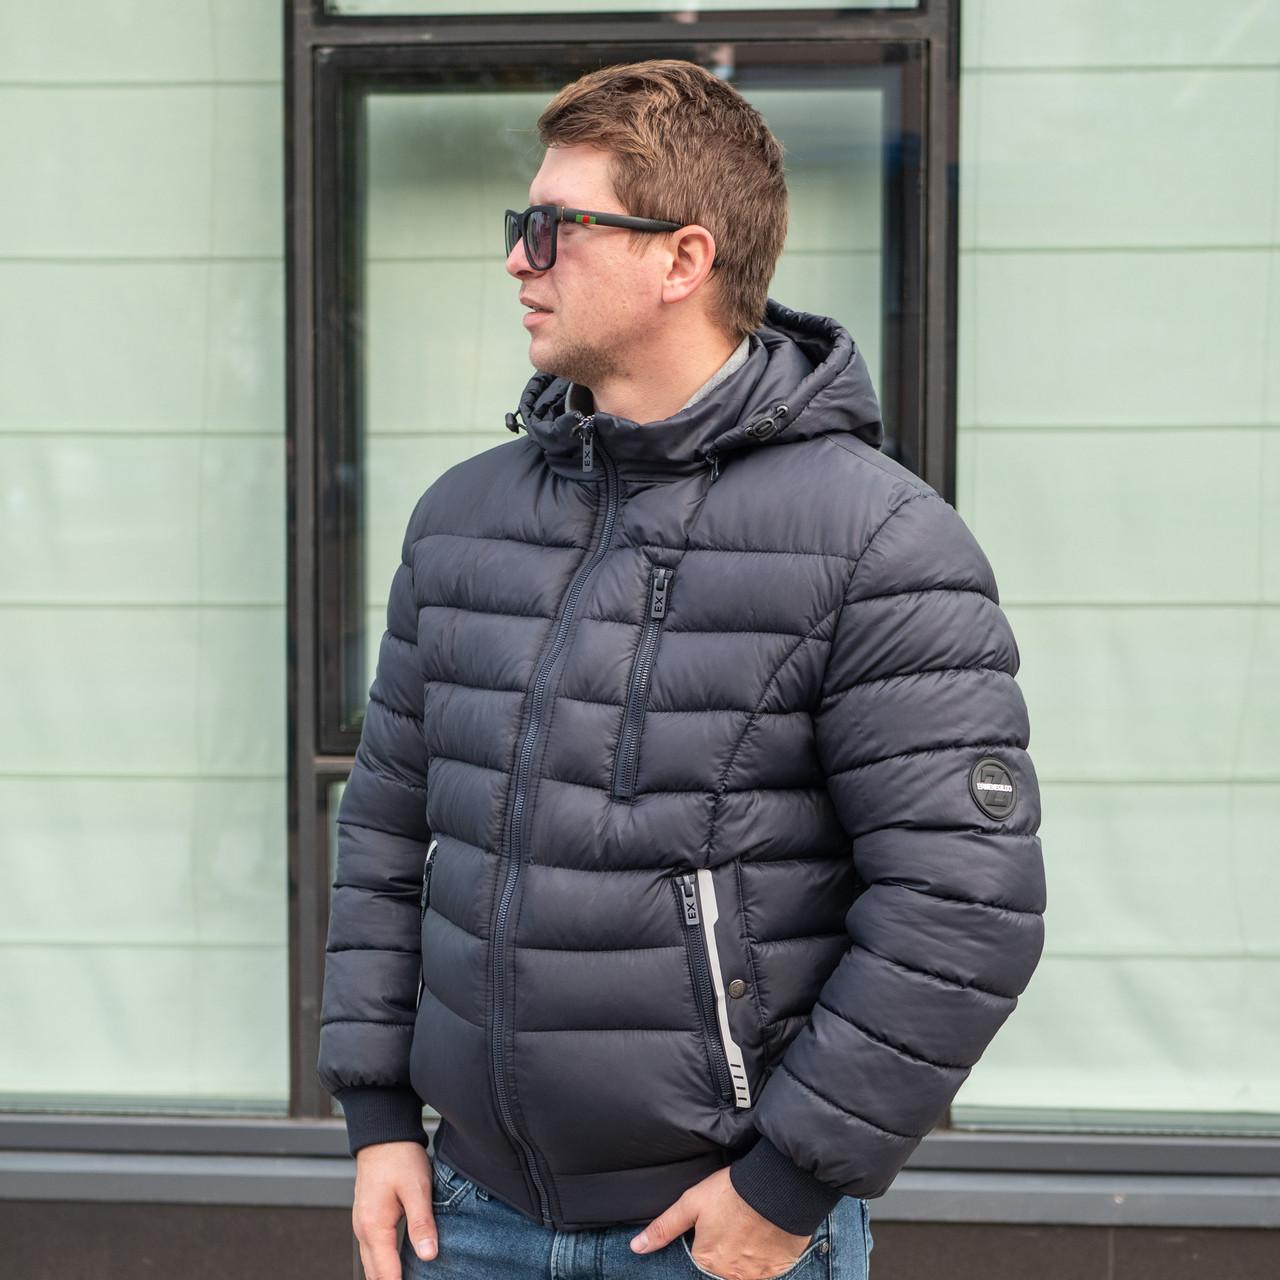 Недорогие зимние куртки мужские  от производителя  48-56  темно-синий